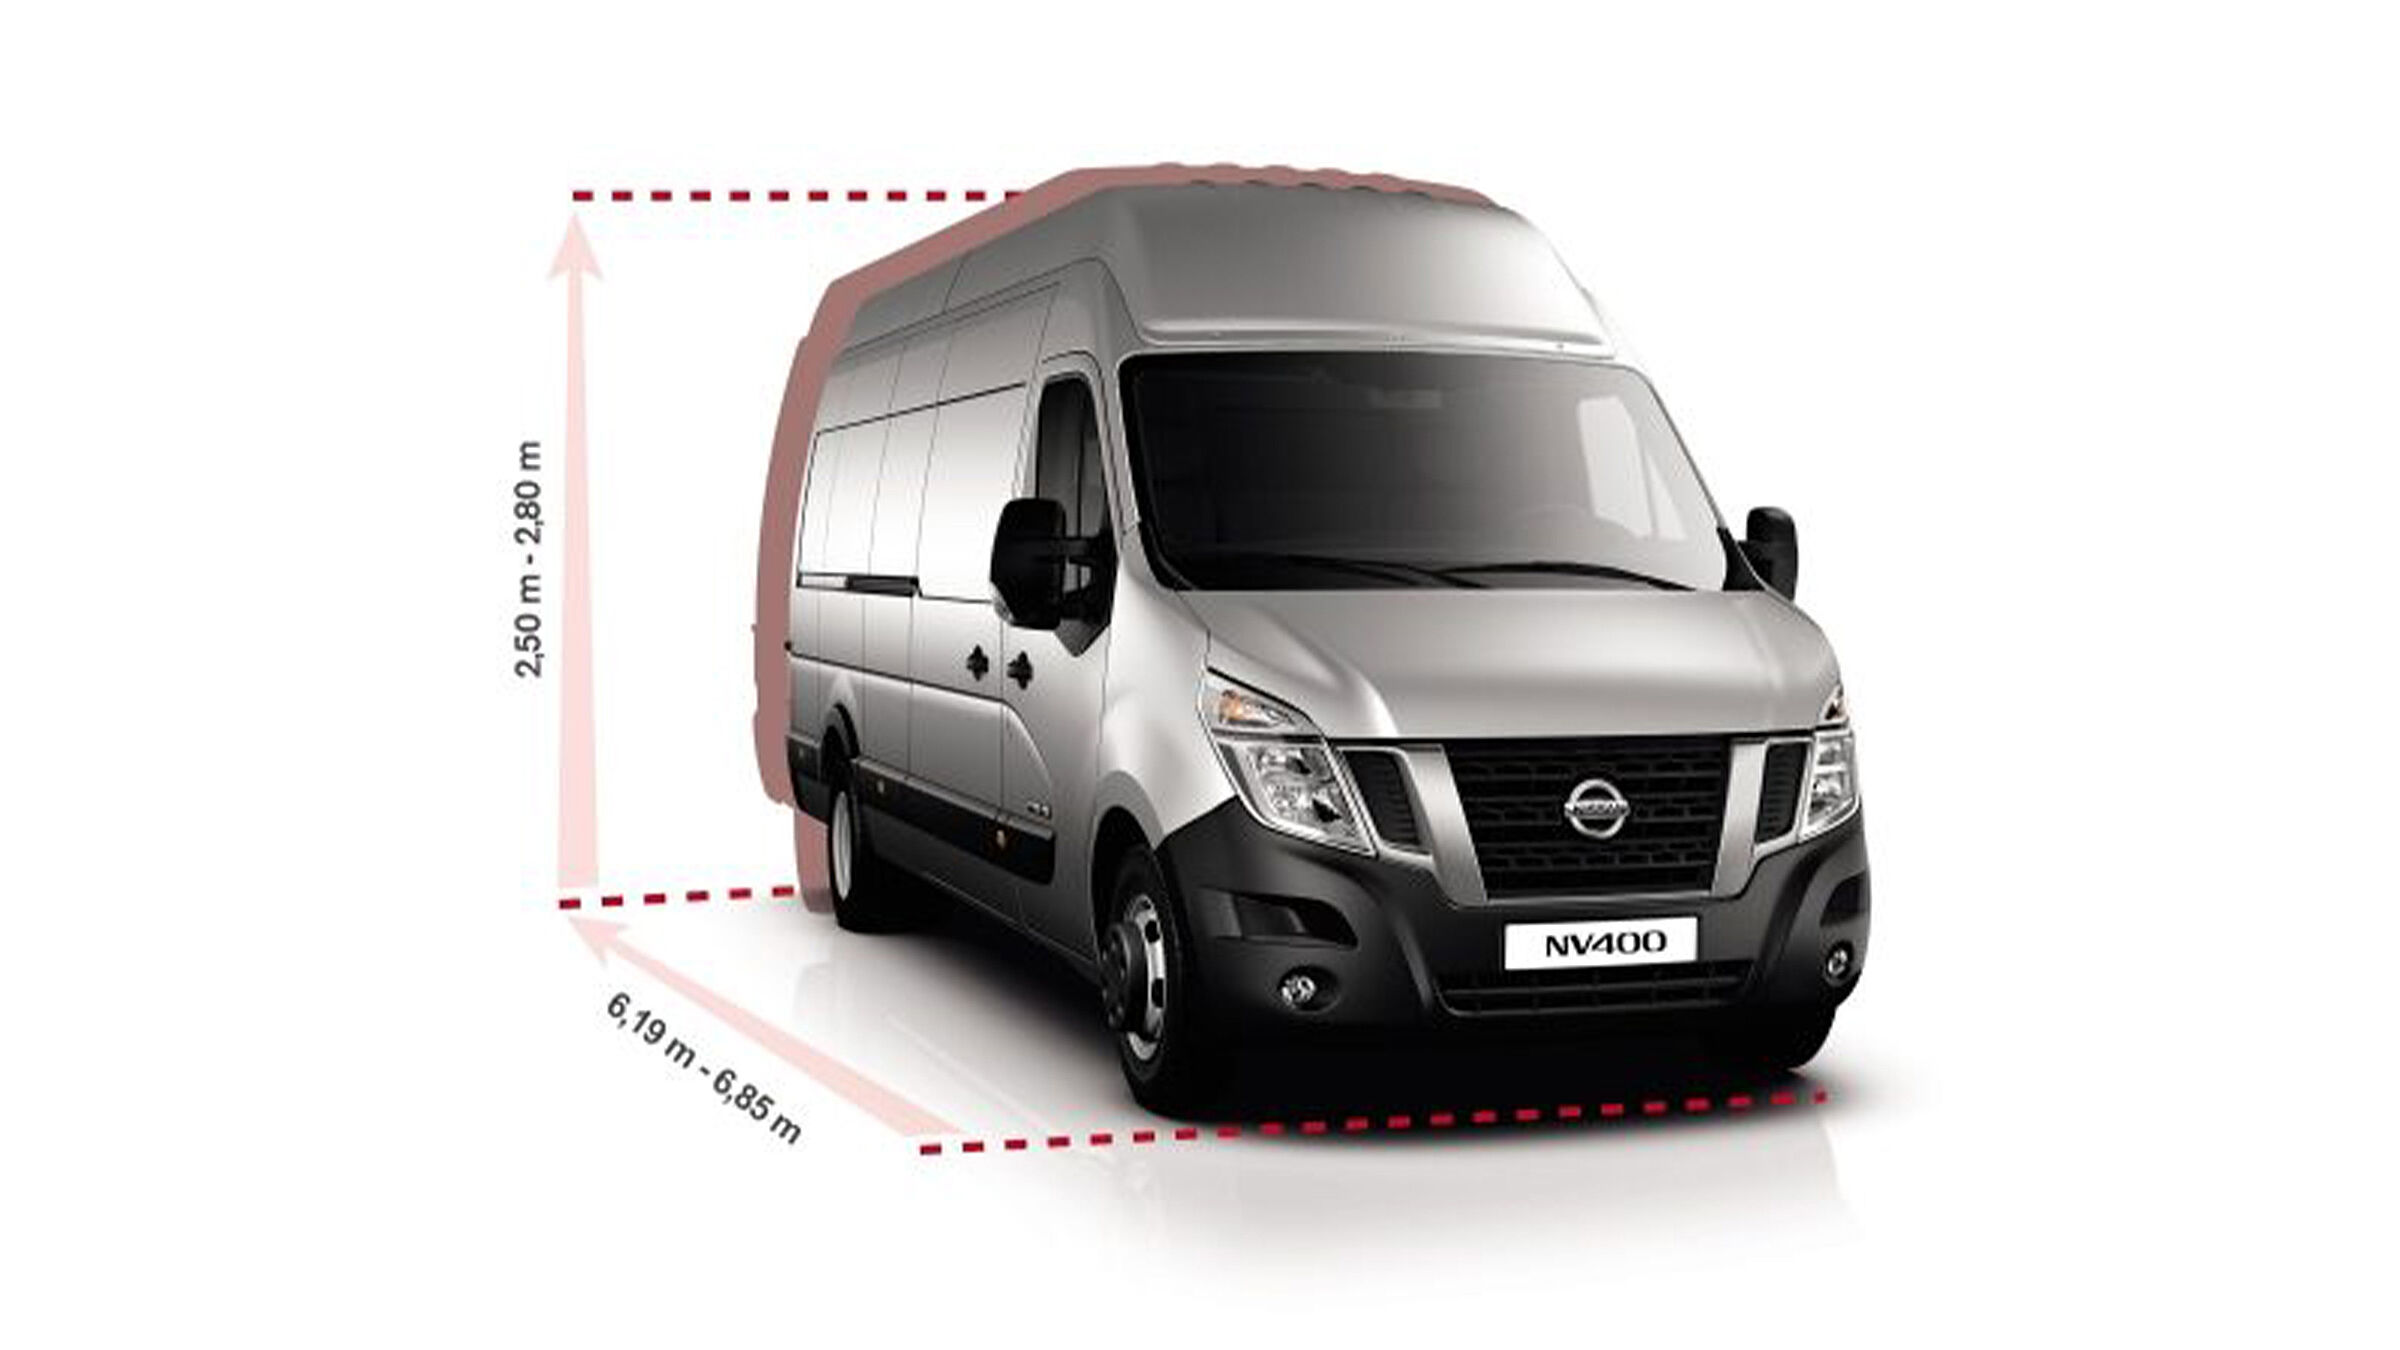 Nissan NV400 Kastenwagenen Autozentren P&A-Preckel